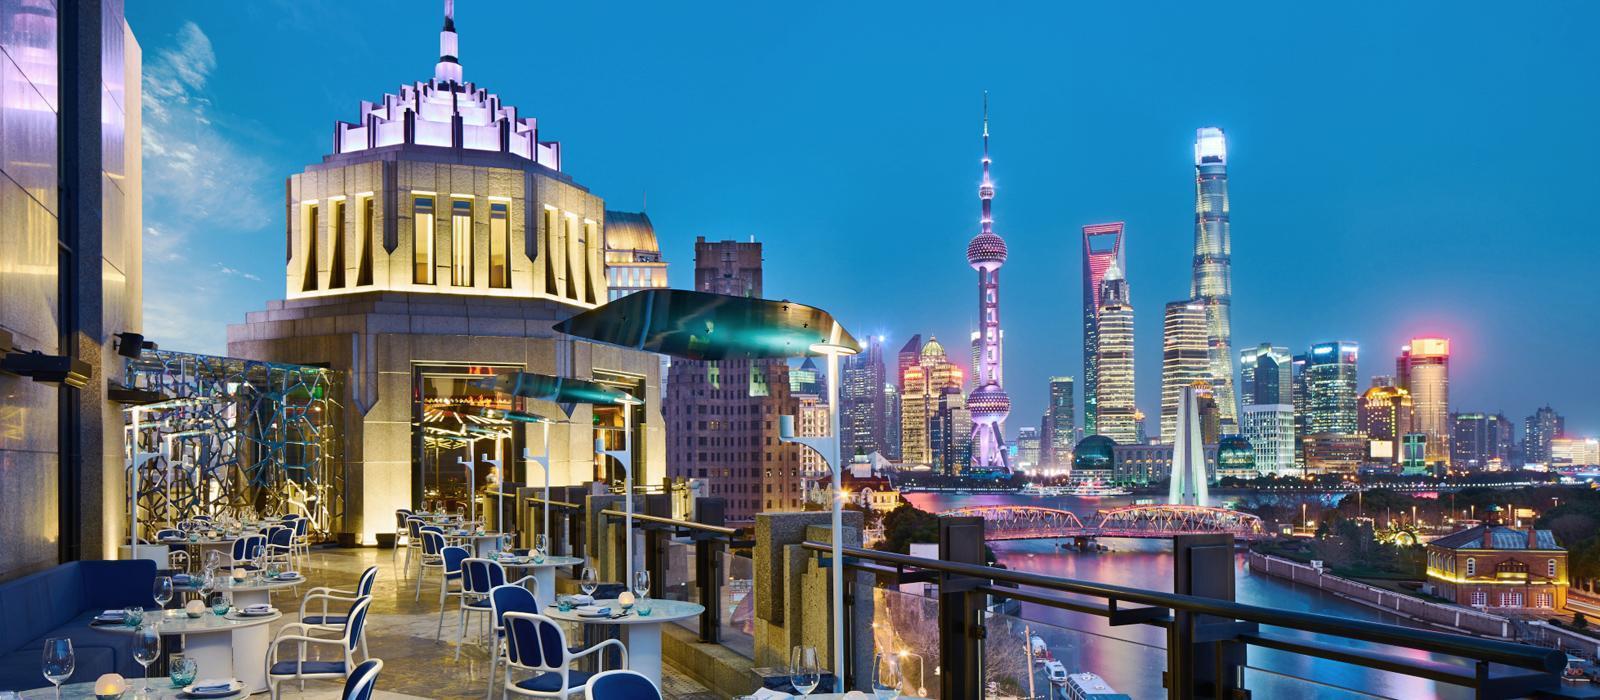 上海苏宁宝丽嘉酒店(Bellagio Shanghai)【 上海,中国】 酒店  yfylgwzc.96jbs.com